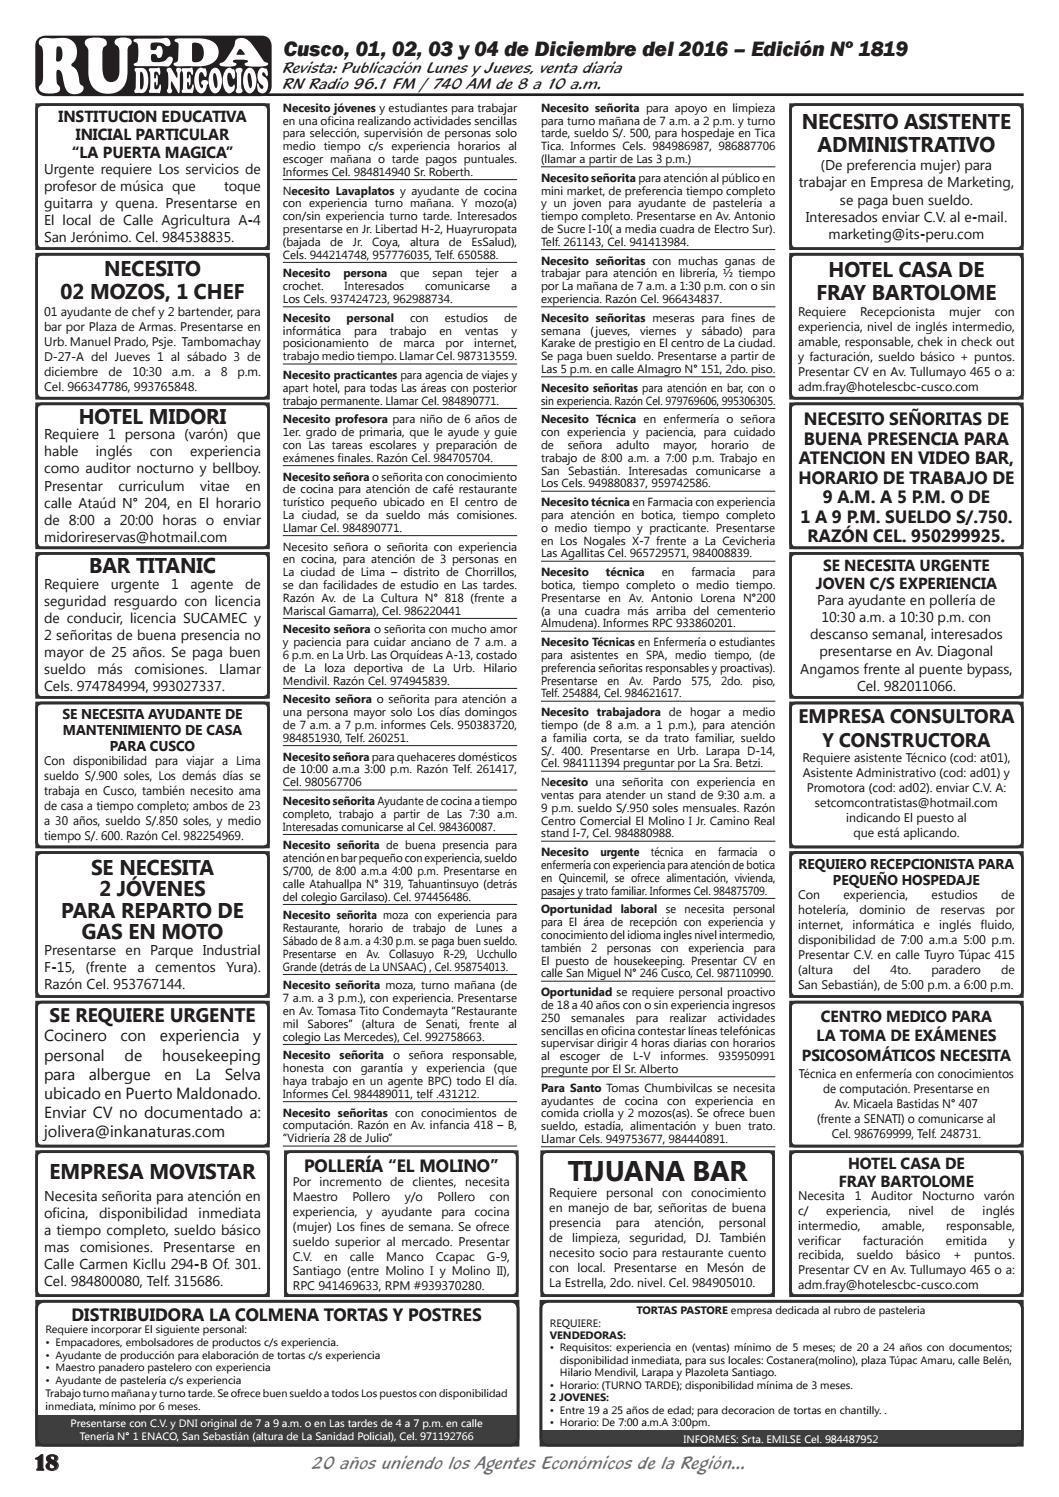 Edicion 1819 By Rueda De Negocios Issuu